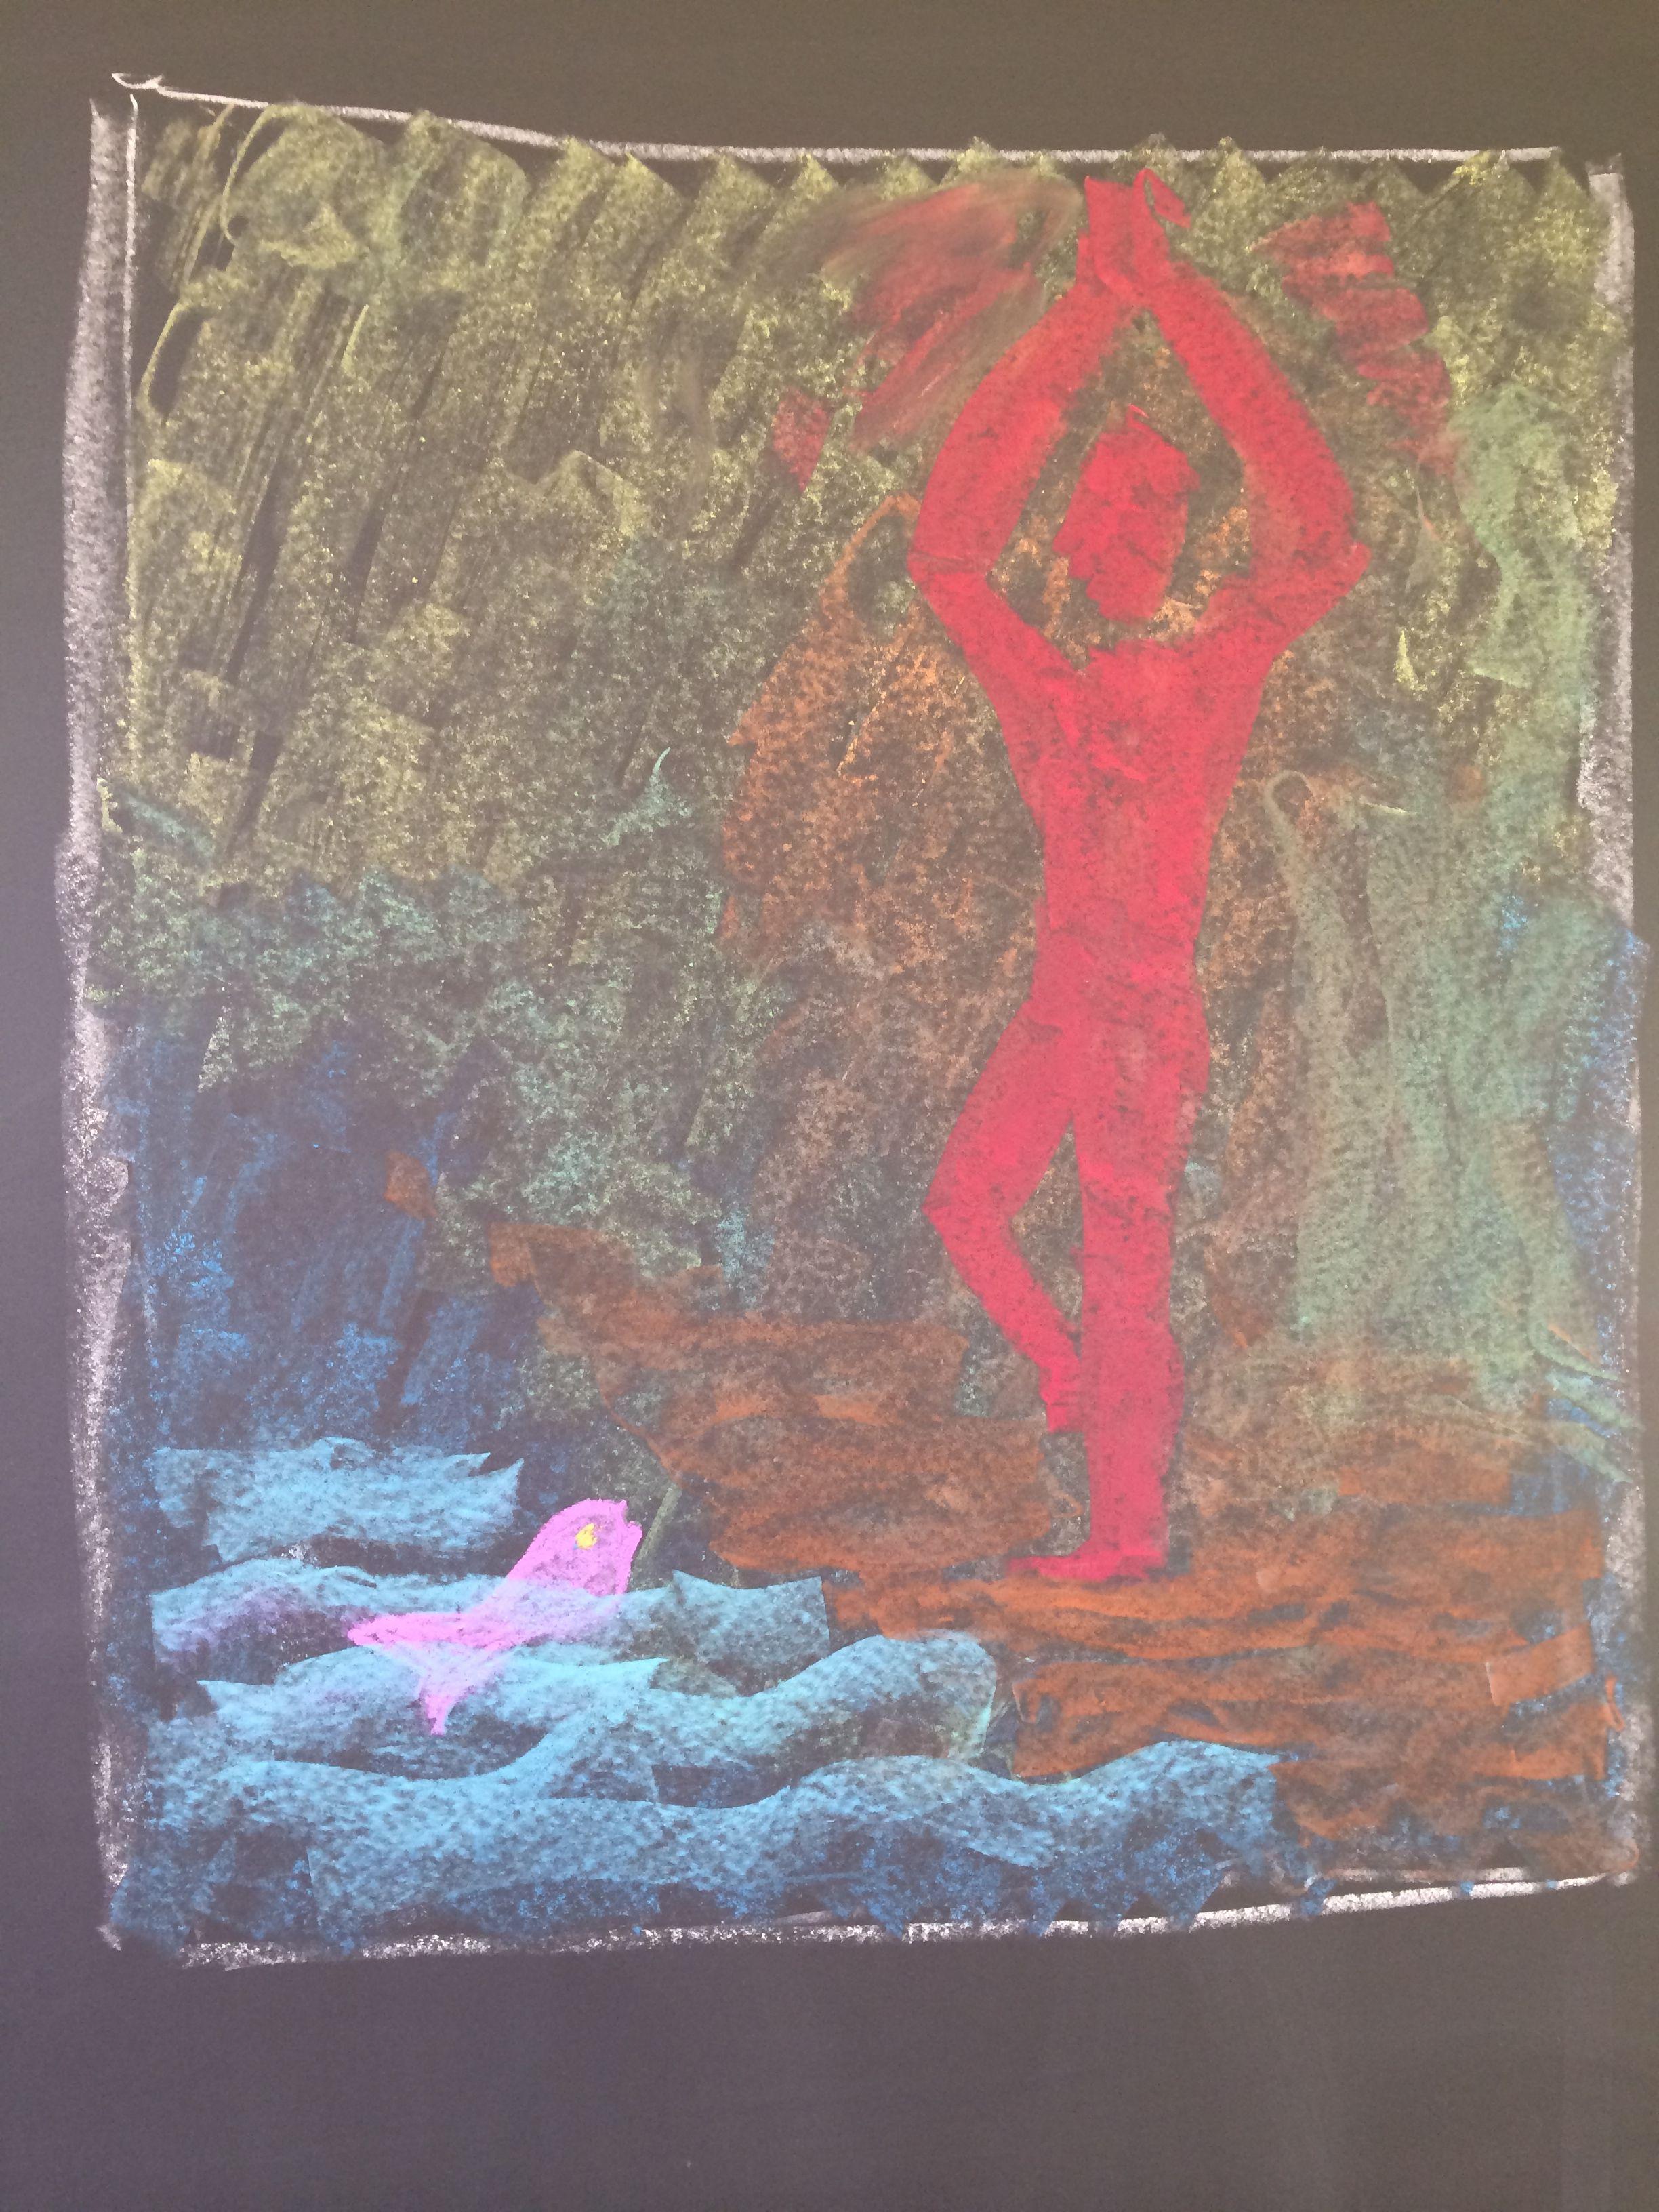 Voorbeeldtekening voor de kinderen. Verhaal: Manu en de vis